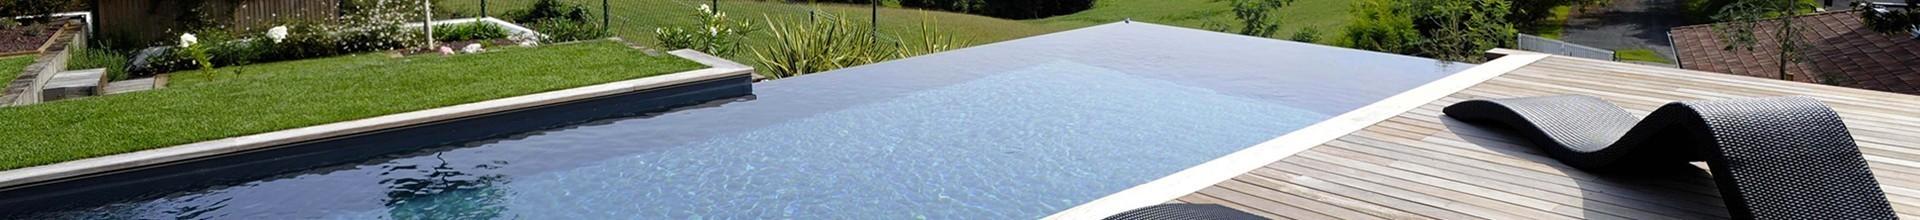 Normandie Seine-Maritime plans de montage d'une piscine en béton